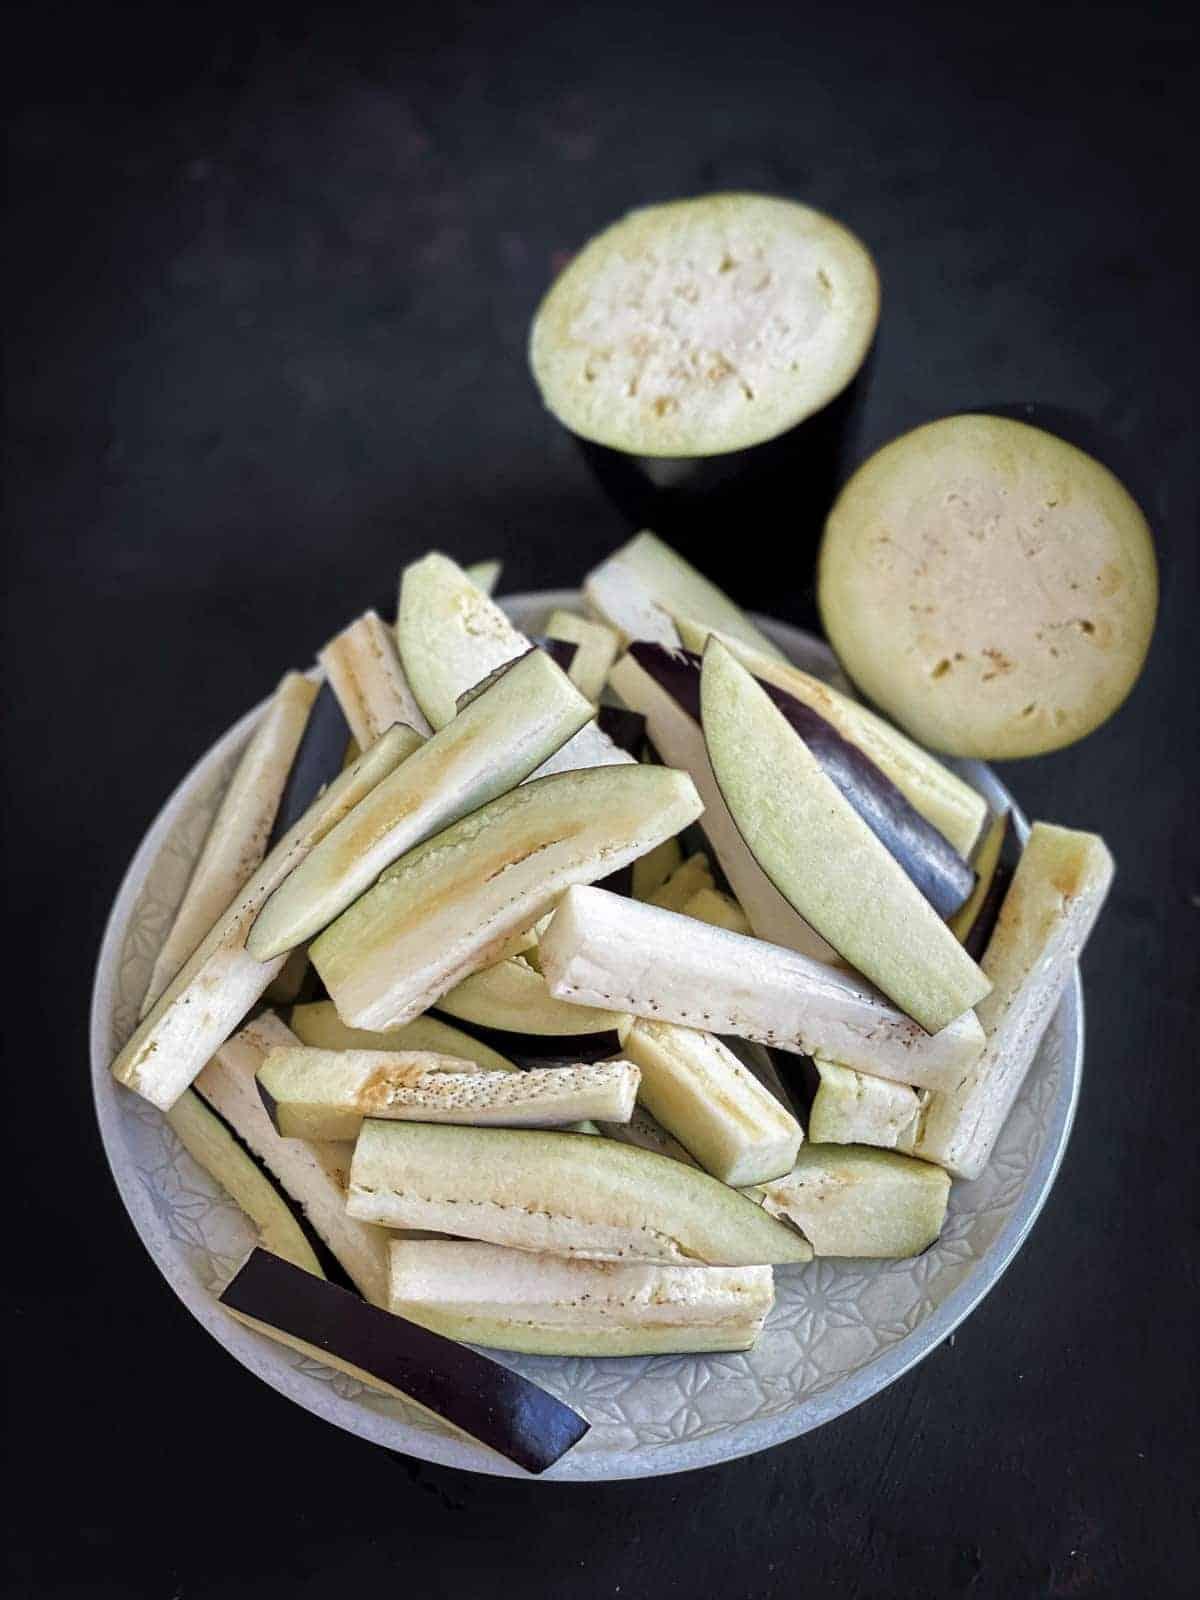 Sliced eggplant or aubergines